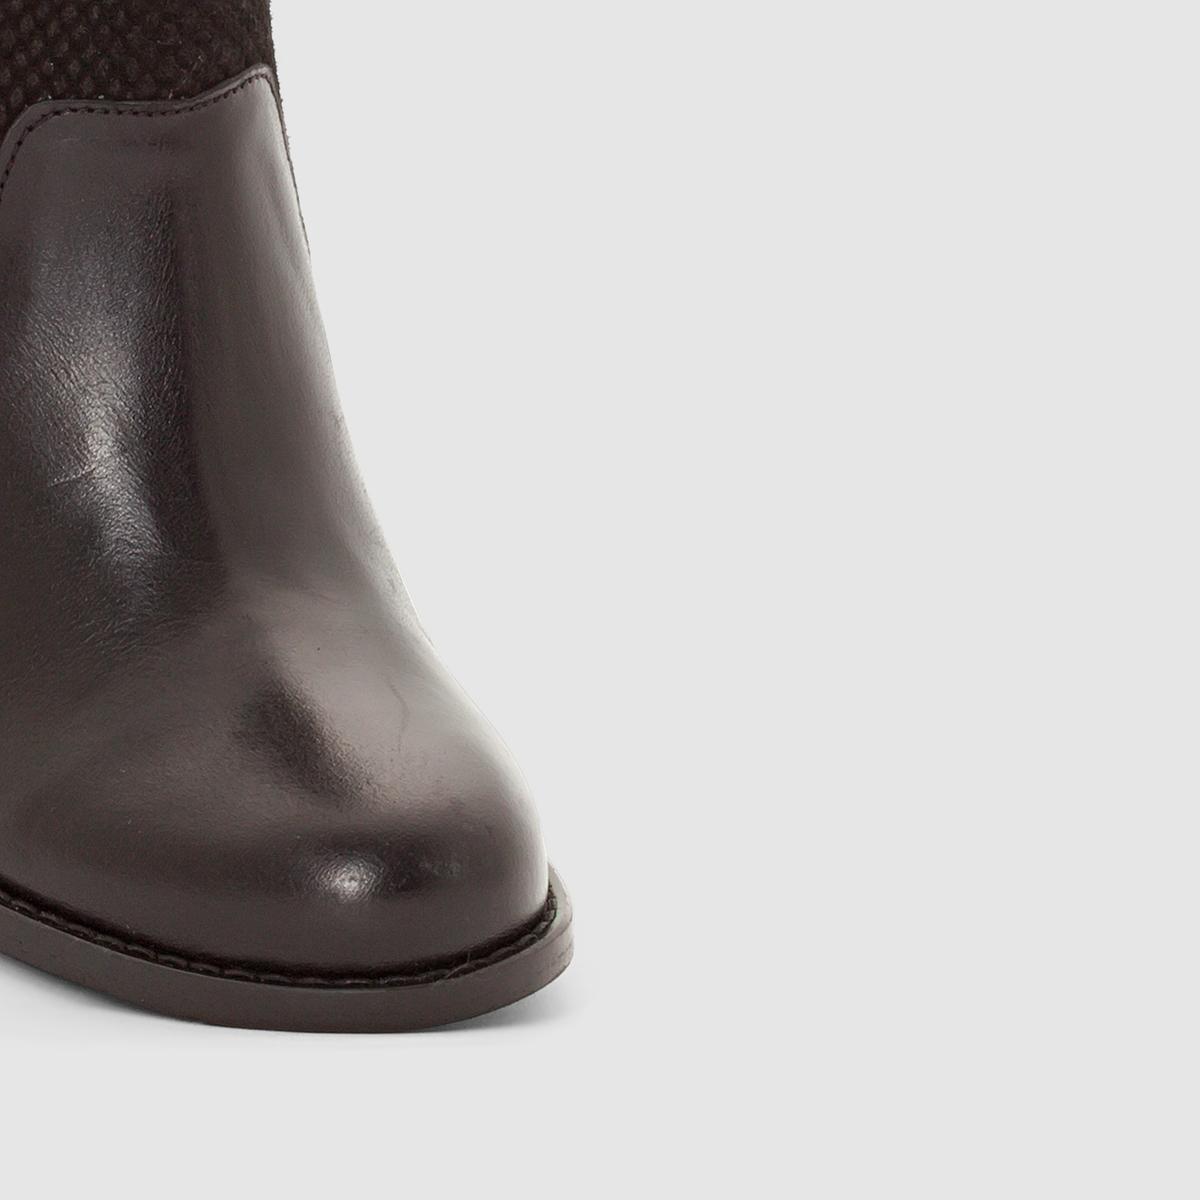 Ботильоны кожаные на каблуке AradelloПодкладка: Свиная кожа   Подошва : Синтетический материал    Высота каблука : 7 - 9 см   Застежка : на молнию<br><br>Цвет: черный